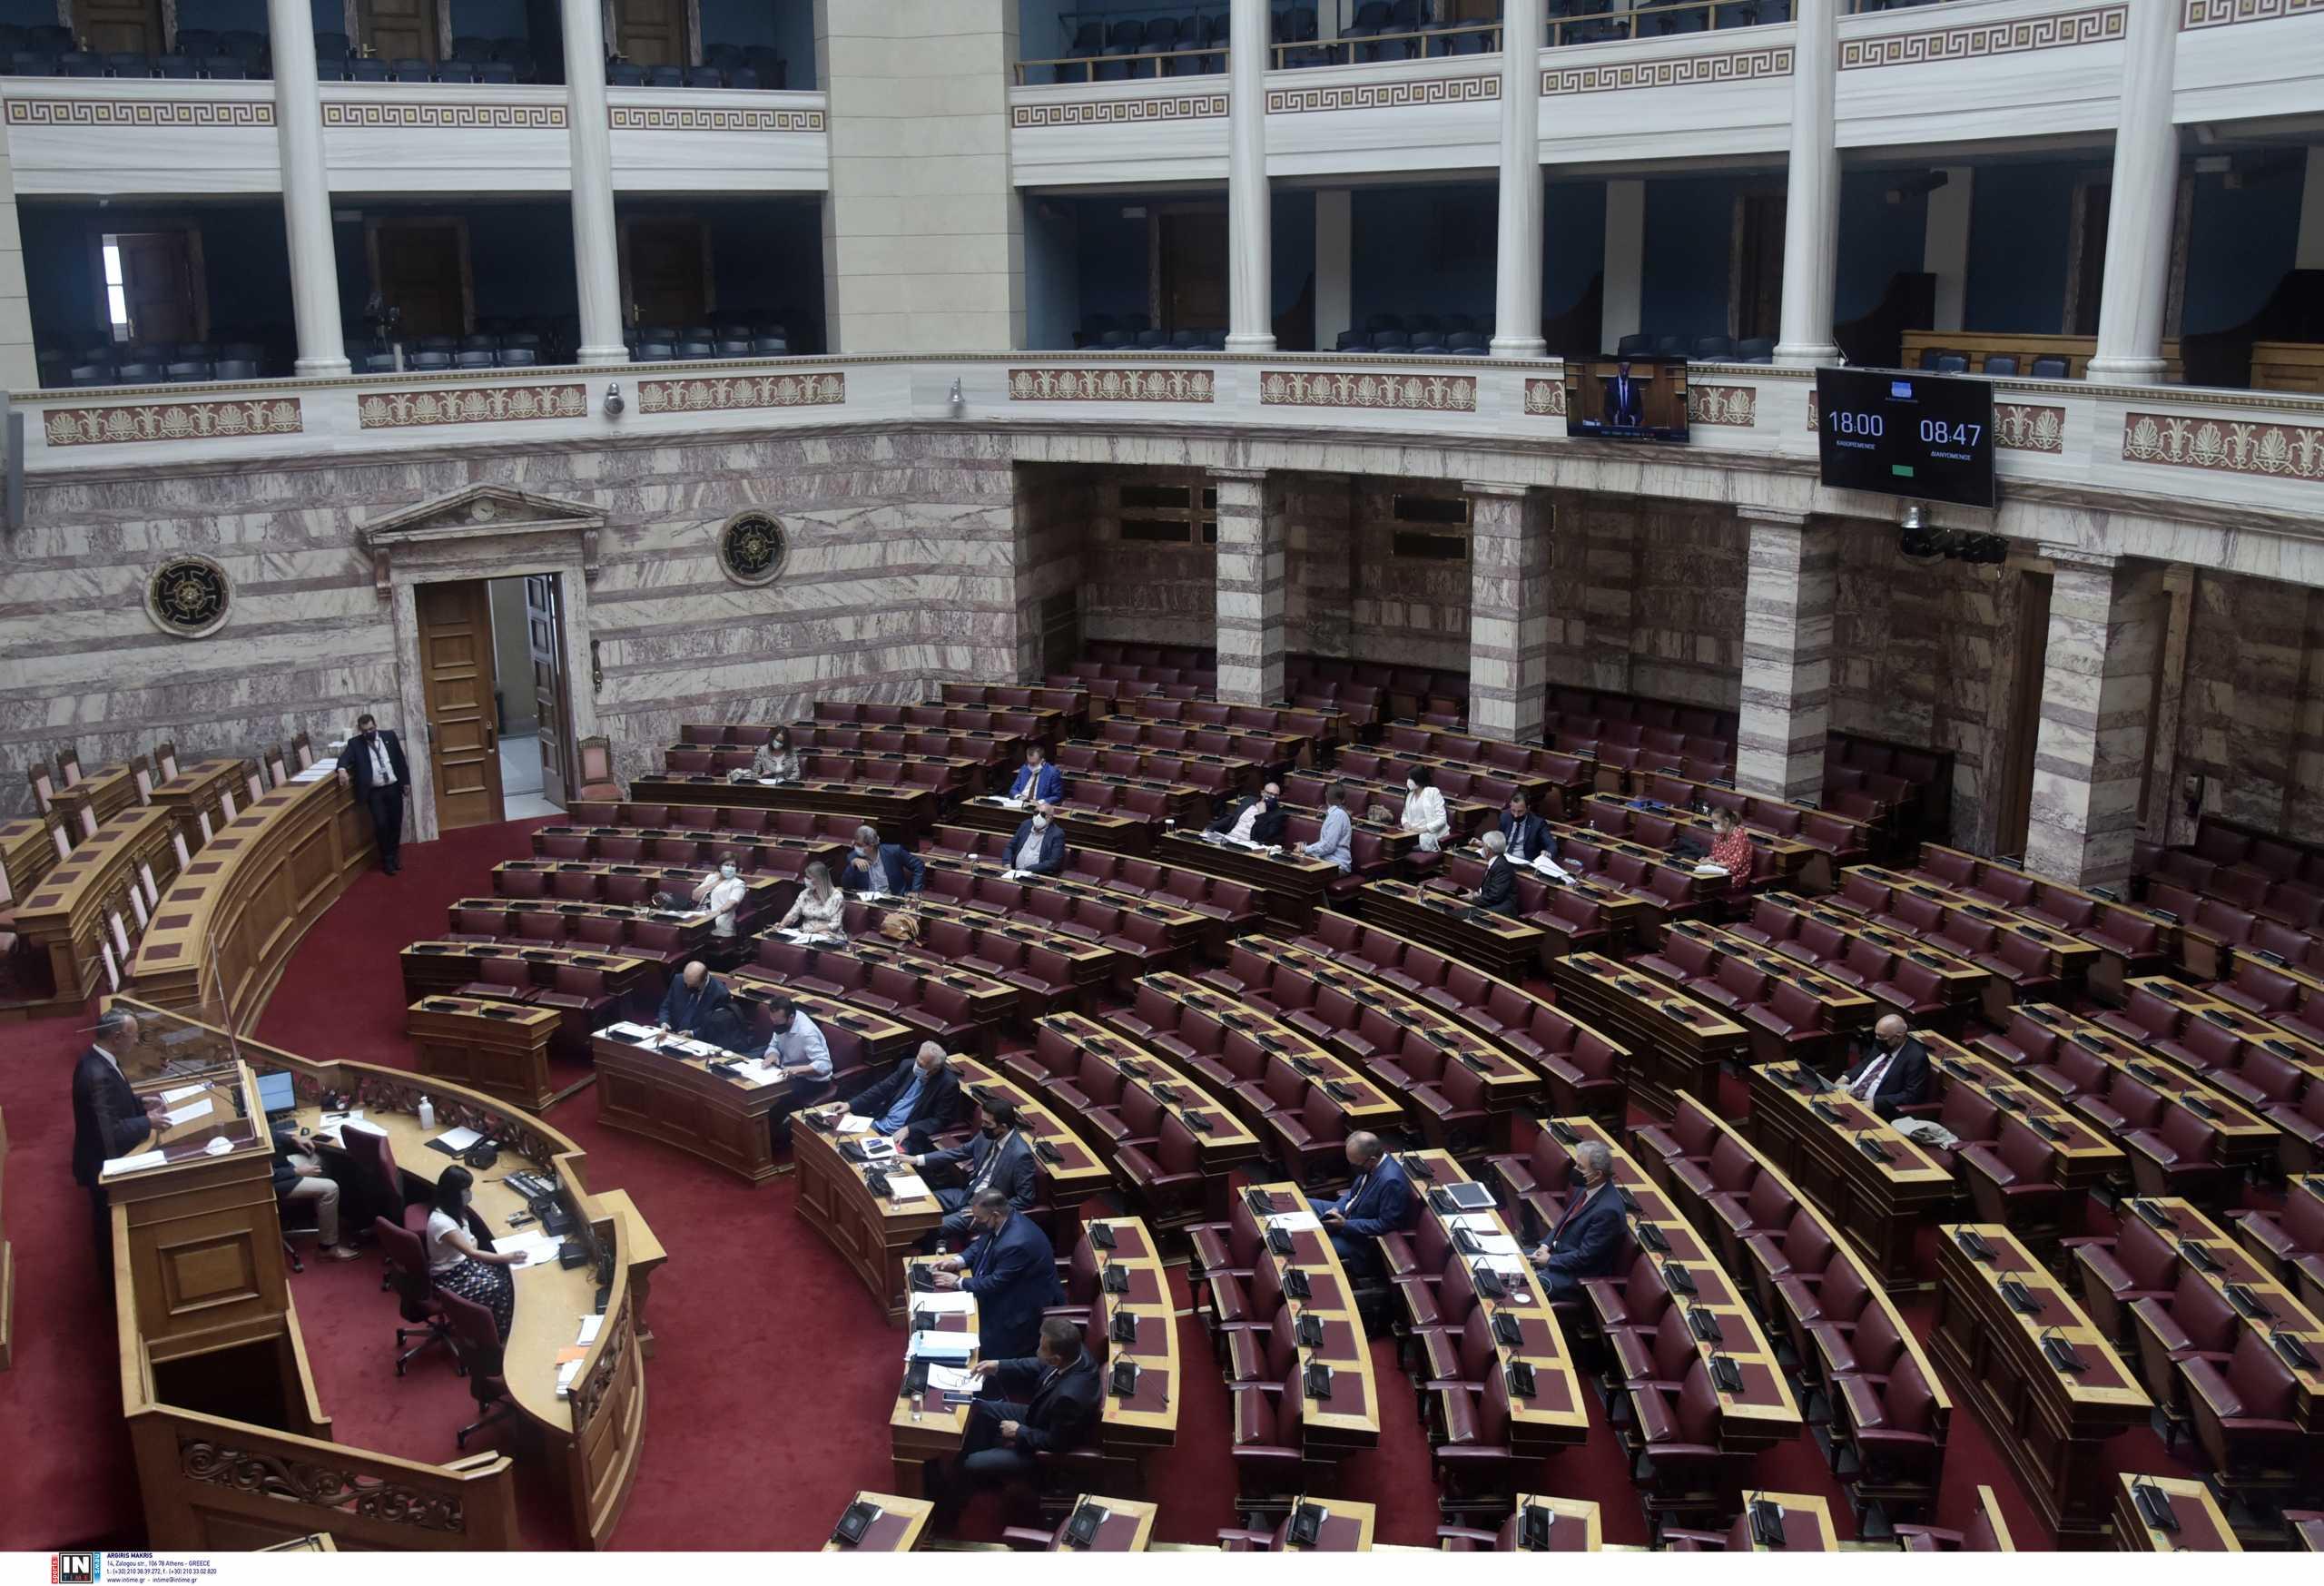 Στη Βουλή το νομοσχέδιο για τις νέες επικουρικές – Αίτηση αντισυνταγματικότητας από τον ΣΥΡΙΖΑ